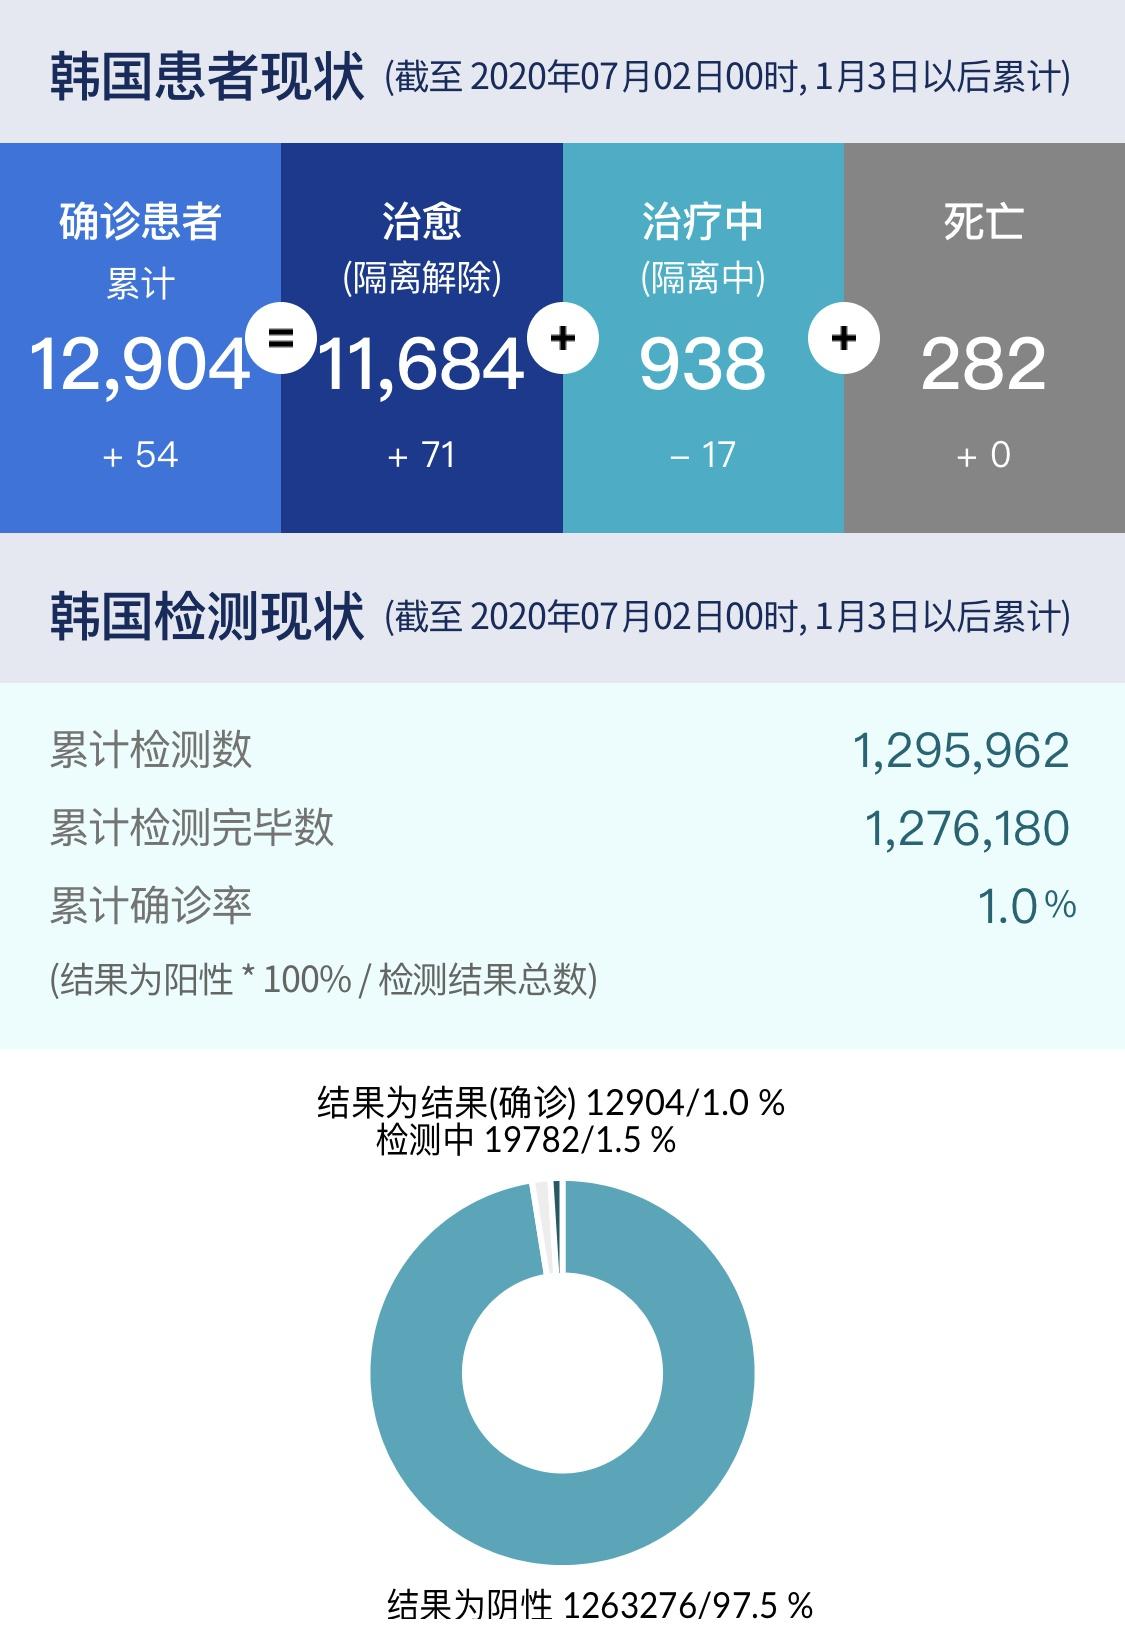 △图为韩国疫情数据